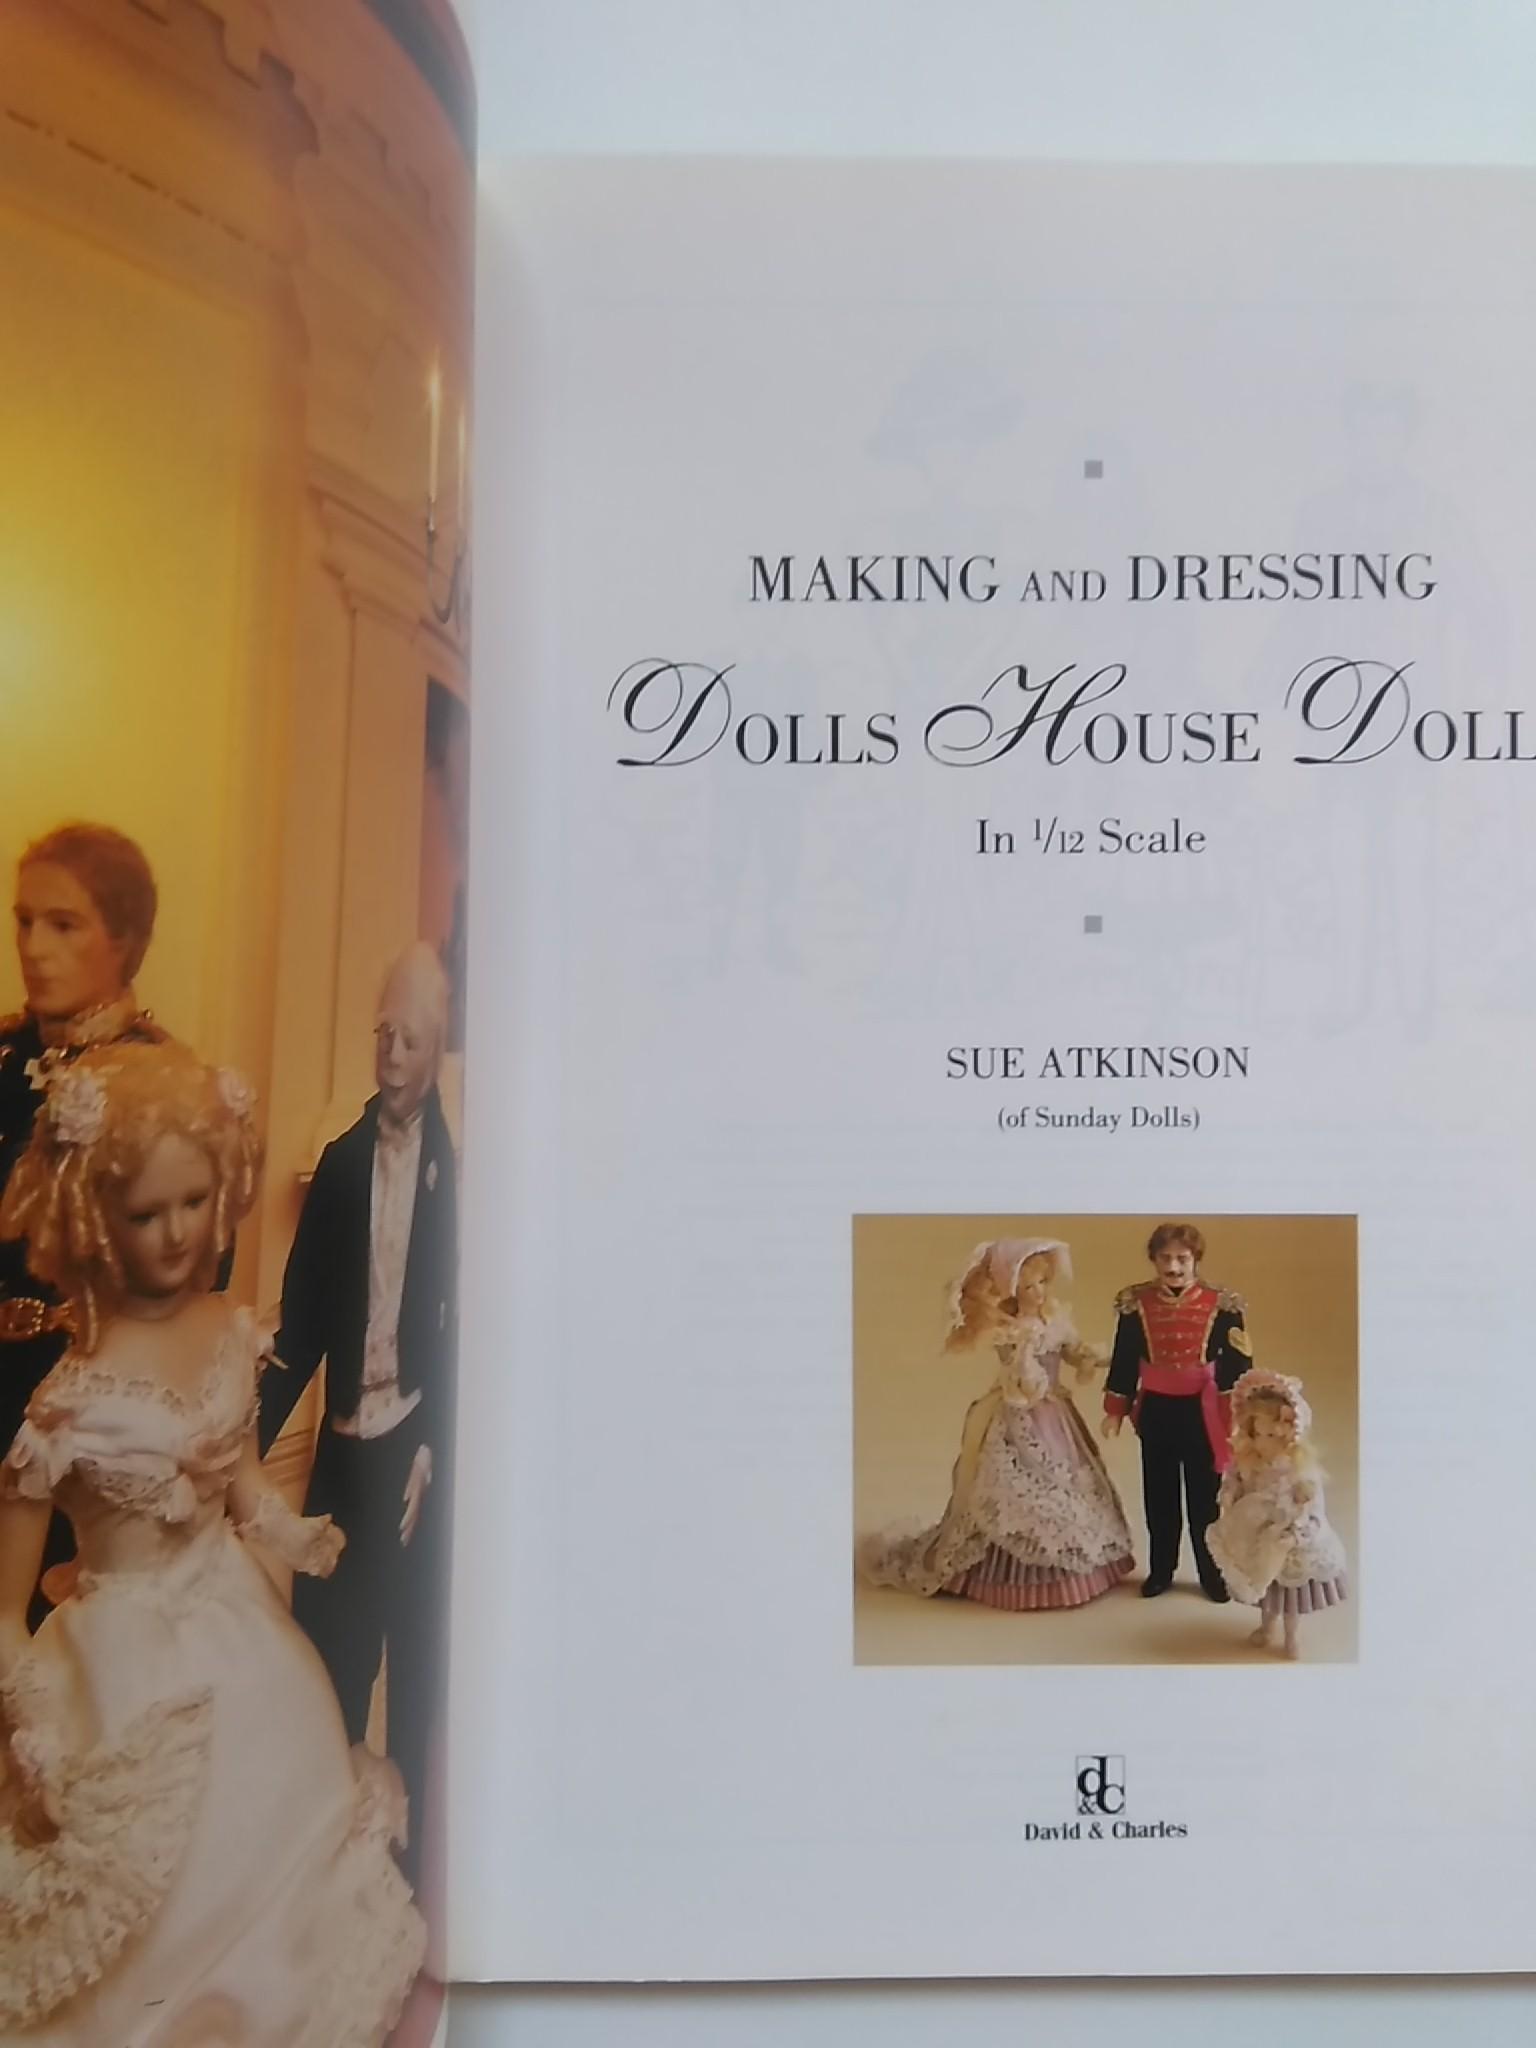 ドールハウスの人形と衣装の作り方 making and dressing dolls house